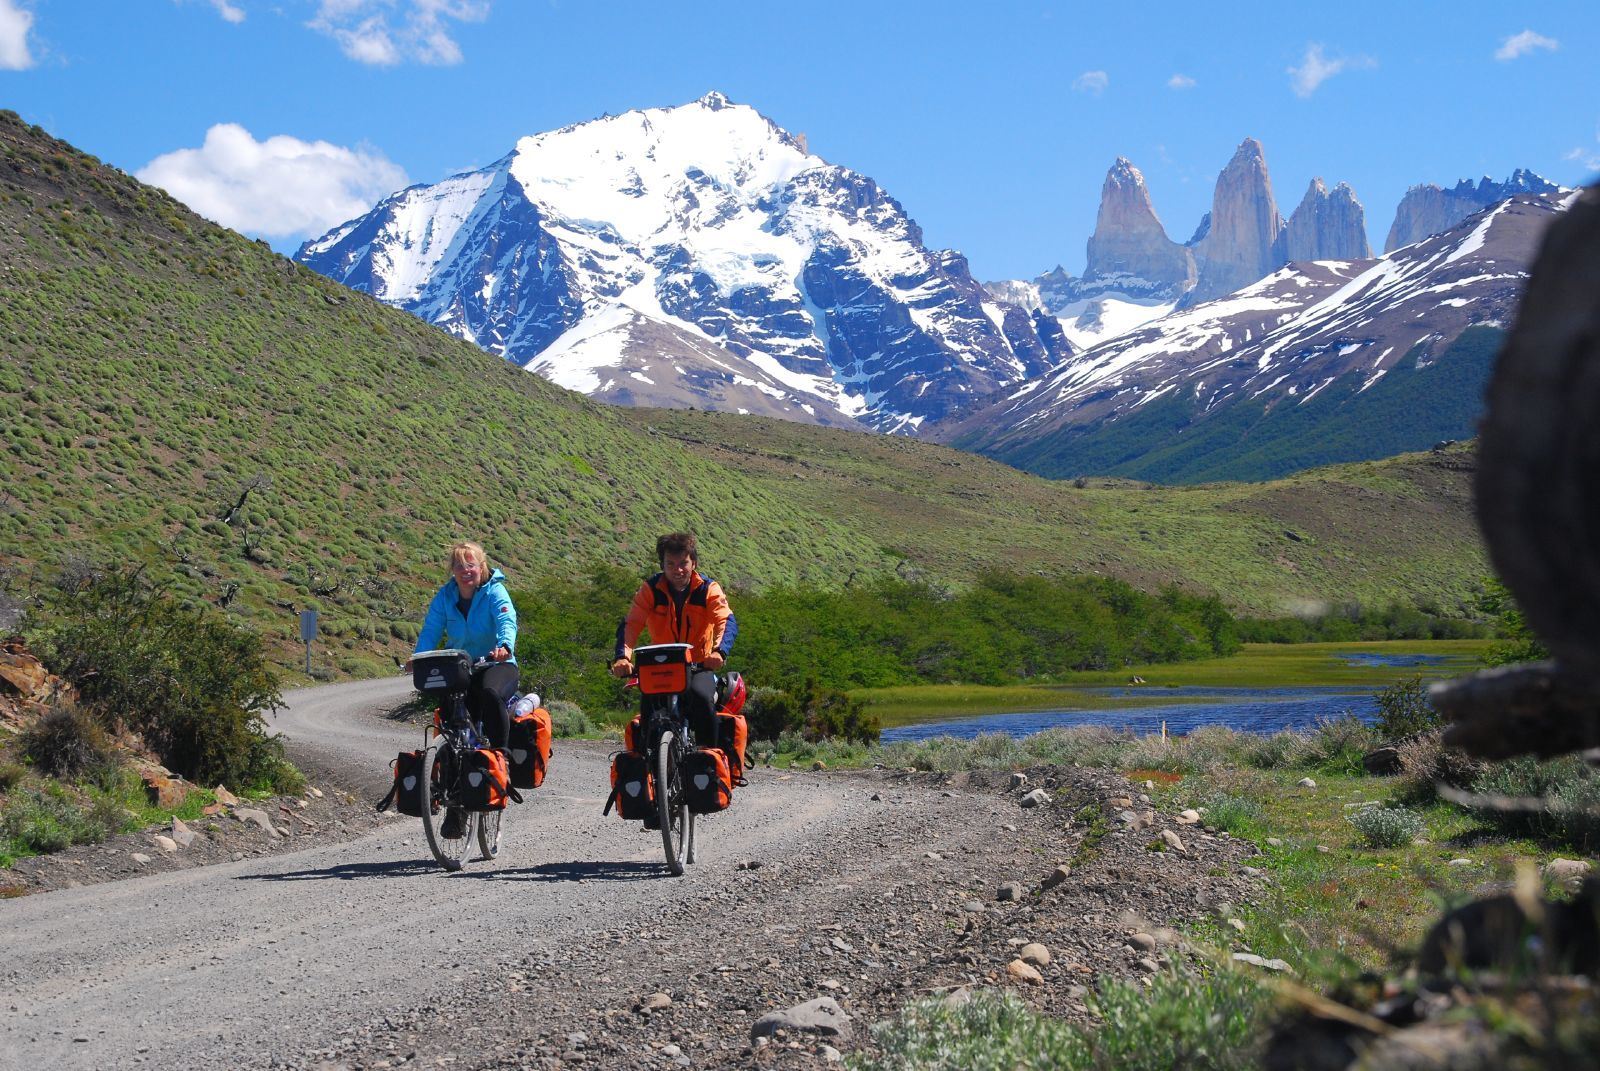 Podróżowanie rowerem - część druga